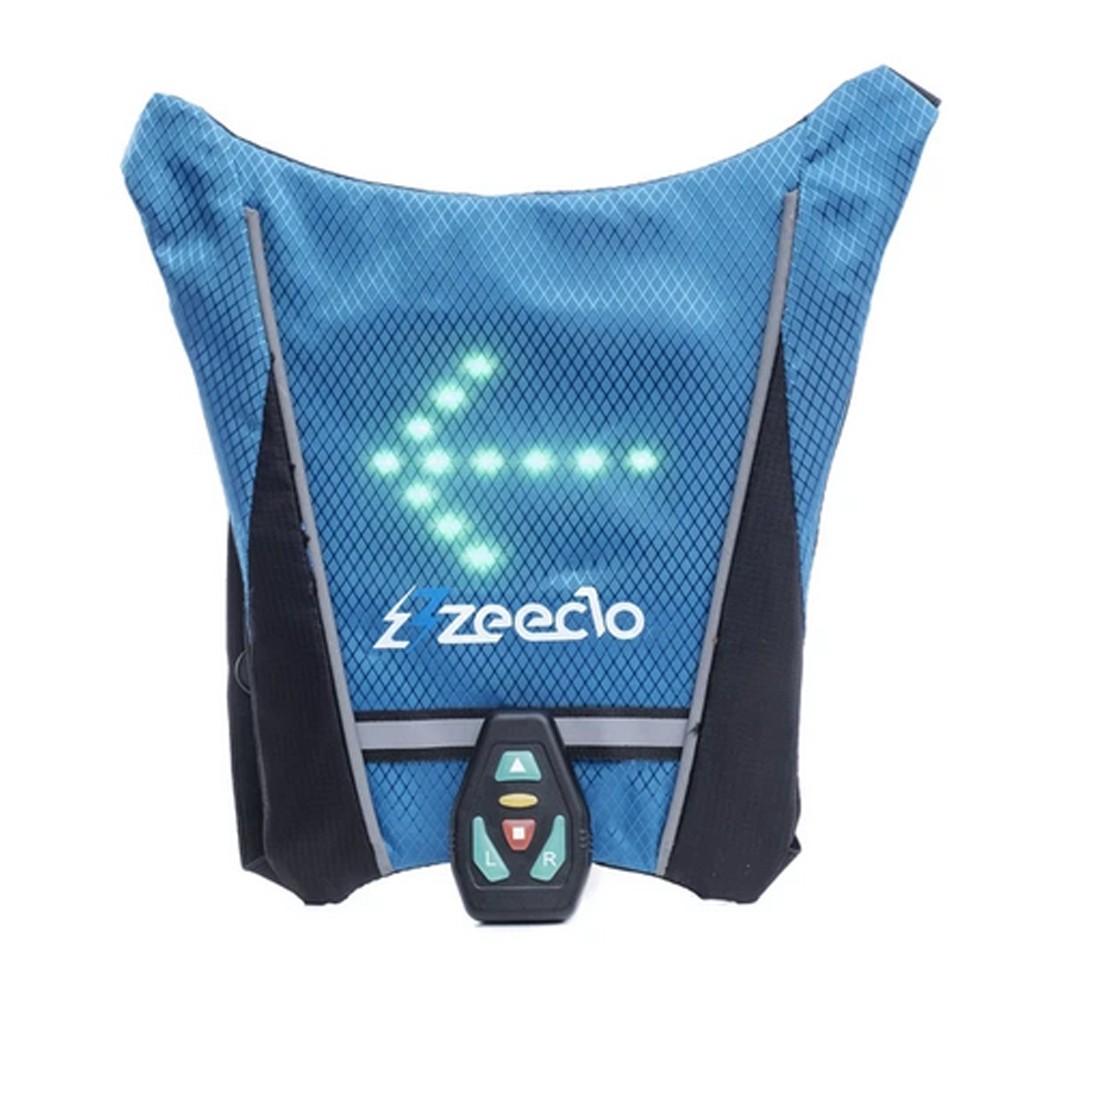 Accesorio Mochila Indicador - Zeeclo A210